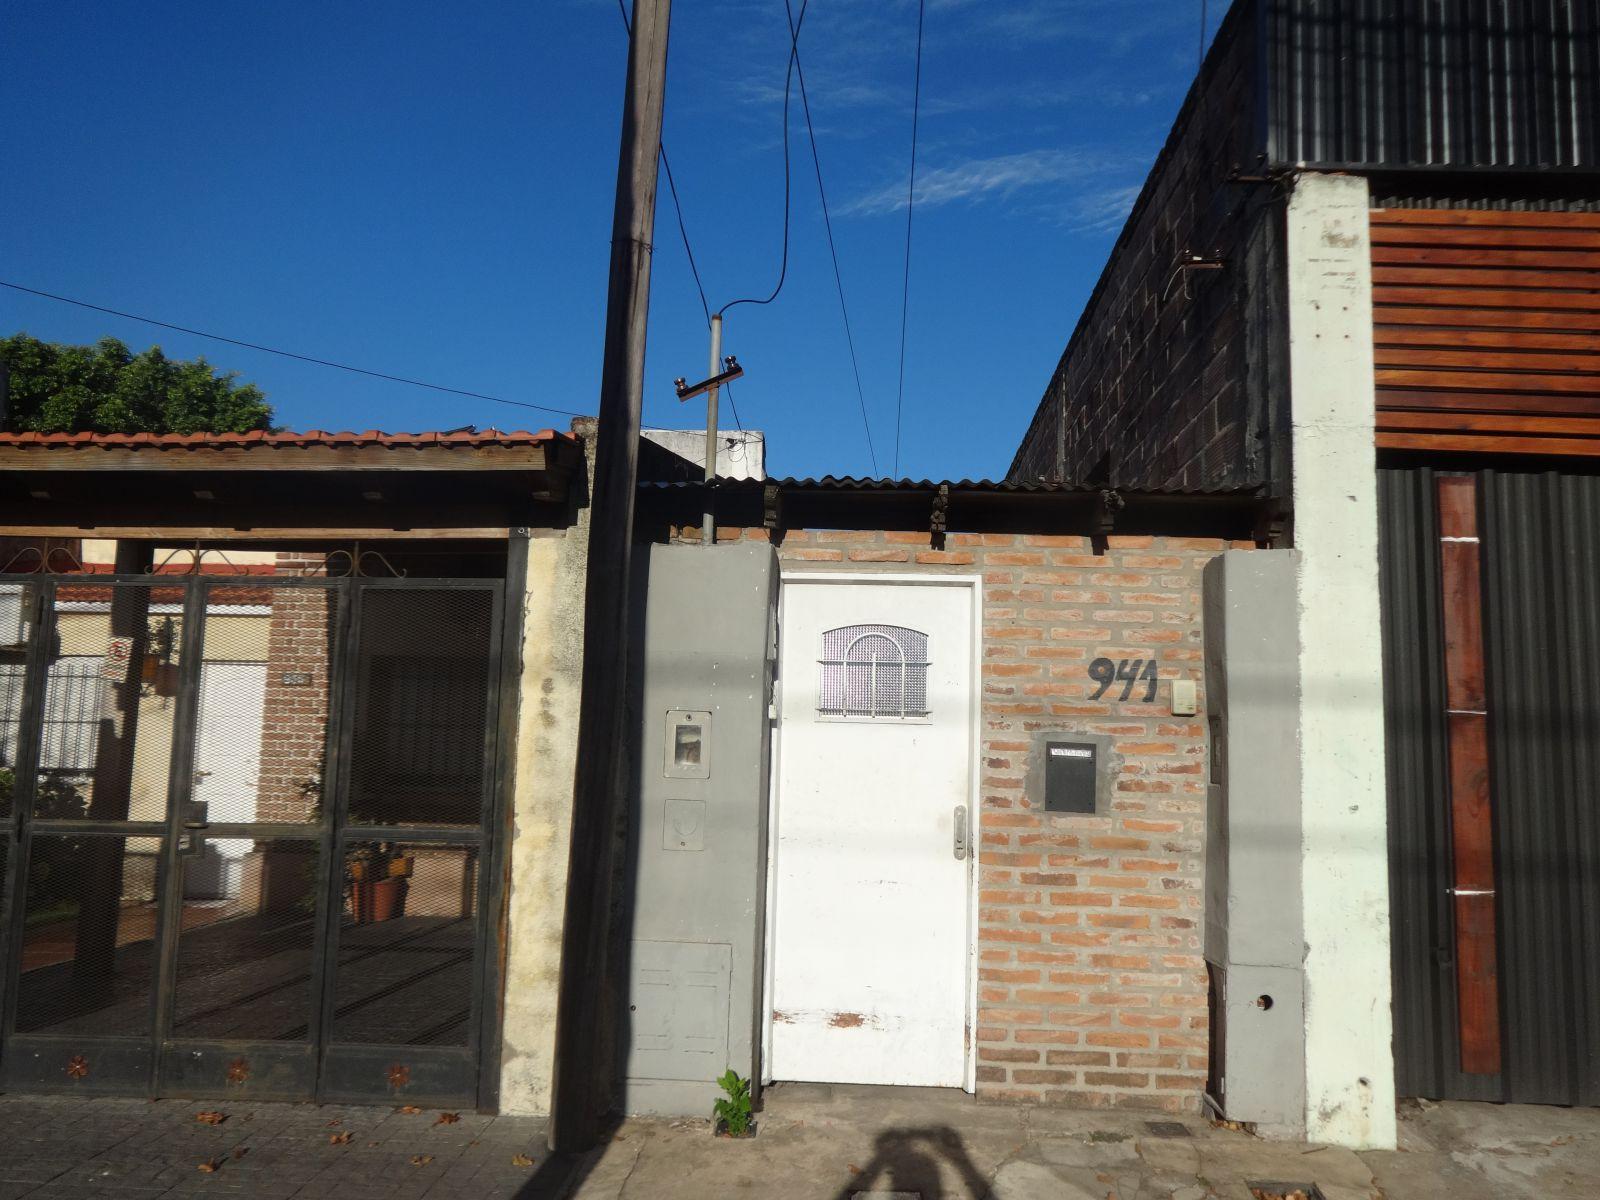 GUATEMALA 941